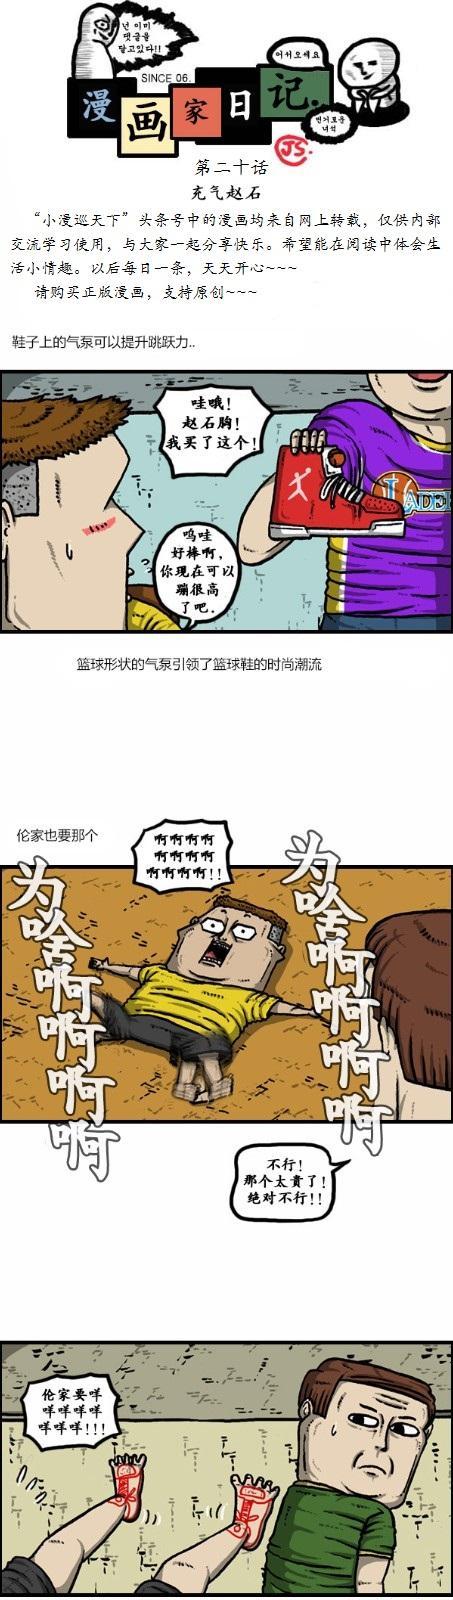 充气娃娃恐怖恐怖漫画,赵石漫画分享:第二十话充气赵石